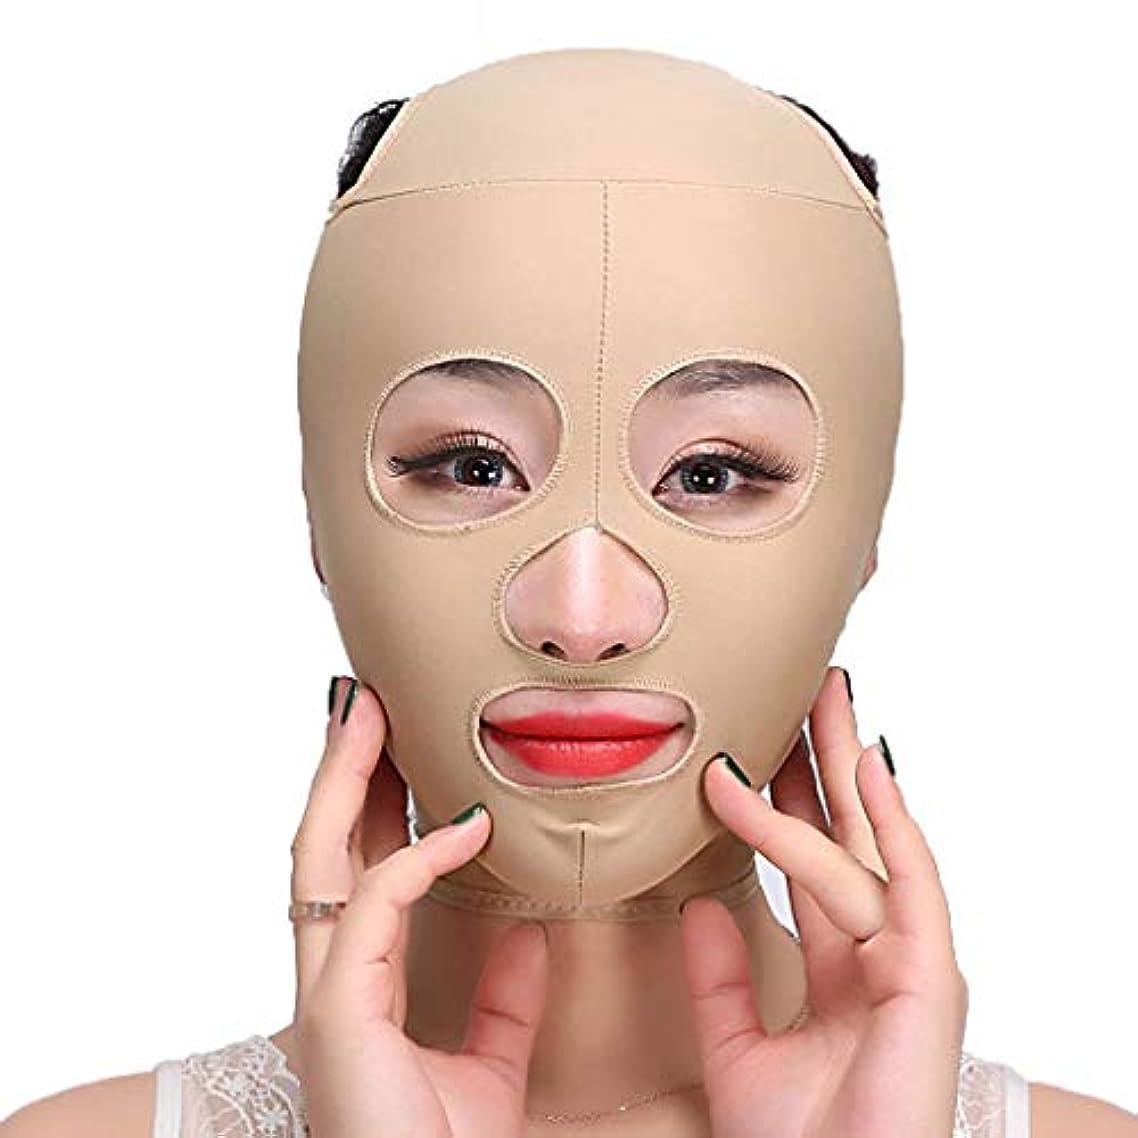 XHLMRMJ 痩身ベルト、フェイスマスク薄いフェイス楽器リフティング引き締めVフェイス男性と女性フェイスリフティングステッカーダブルチンフェイスリフティングフェイスマスク包帯フェイシャルマッサージ (Size : L)